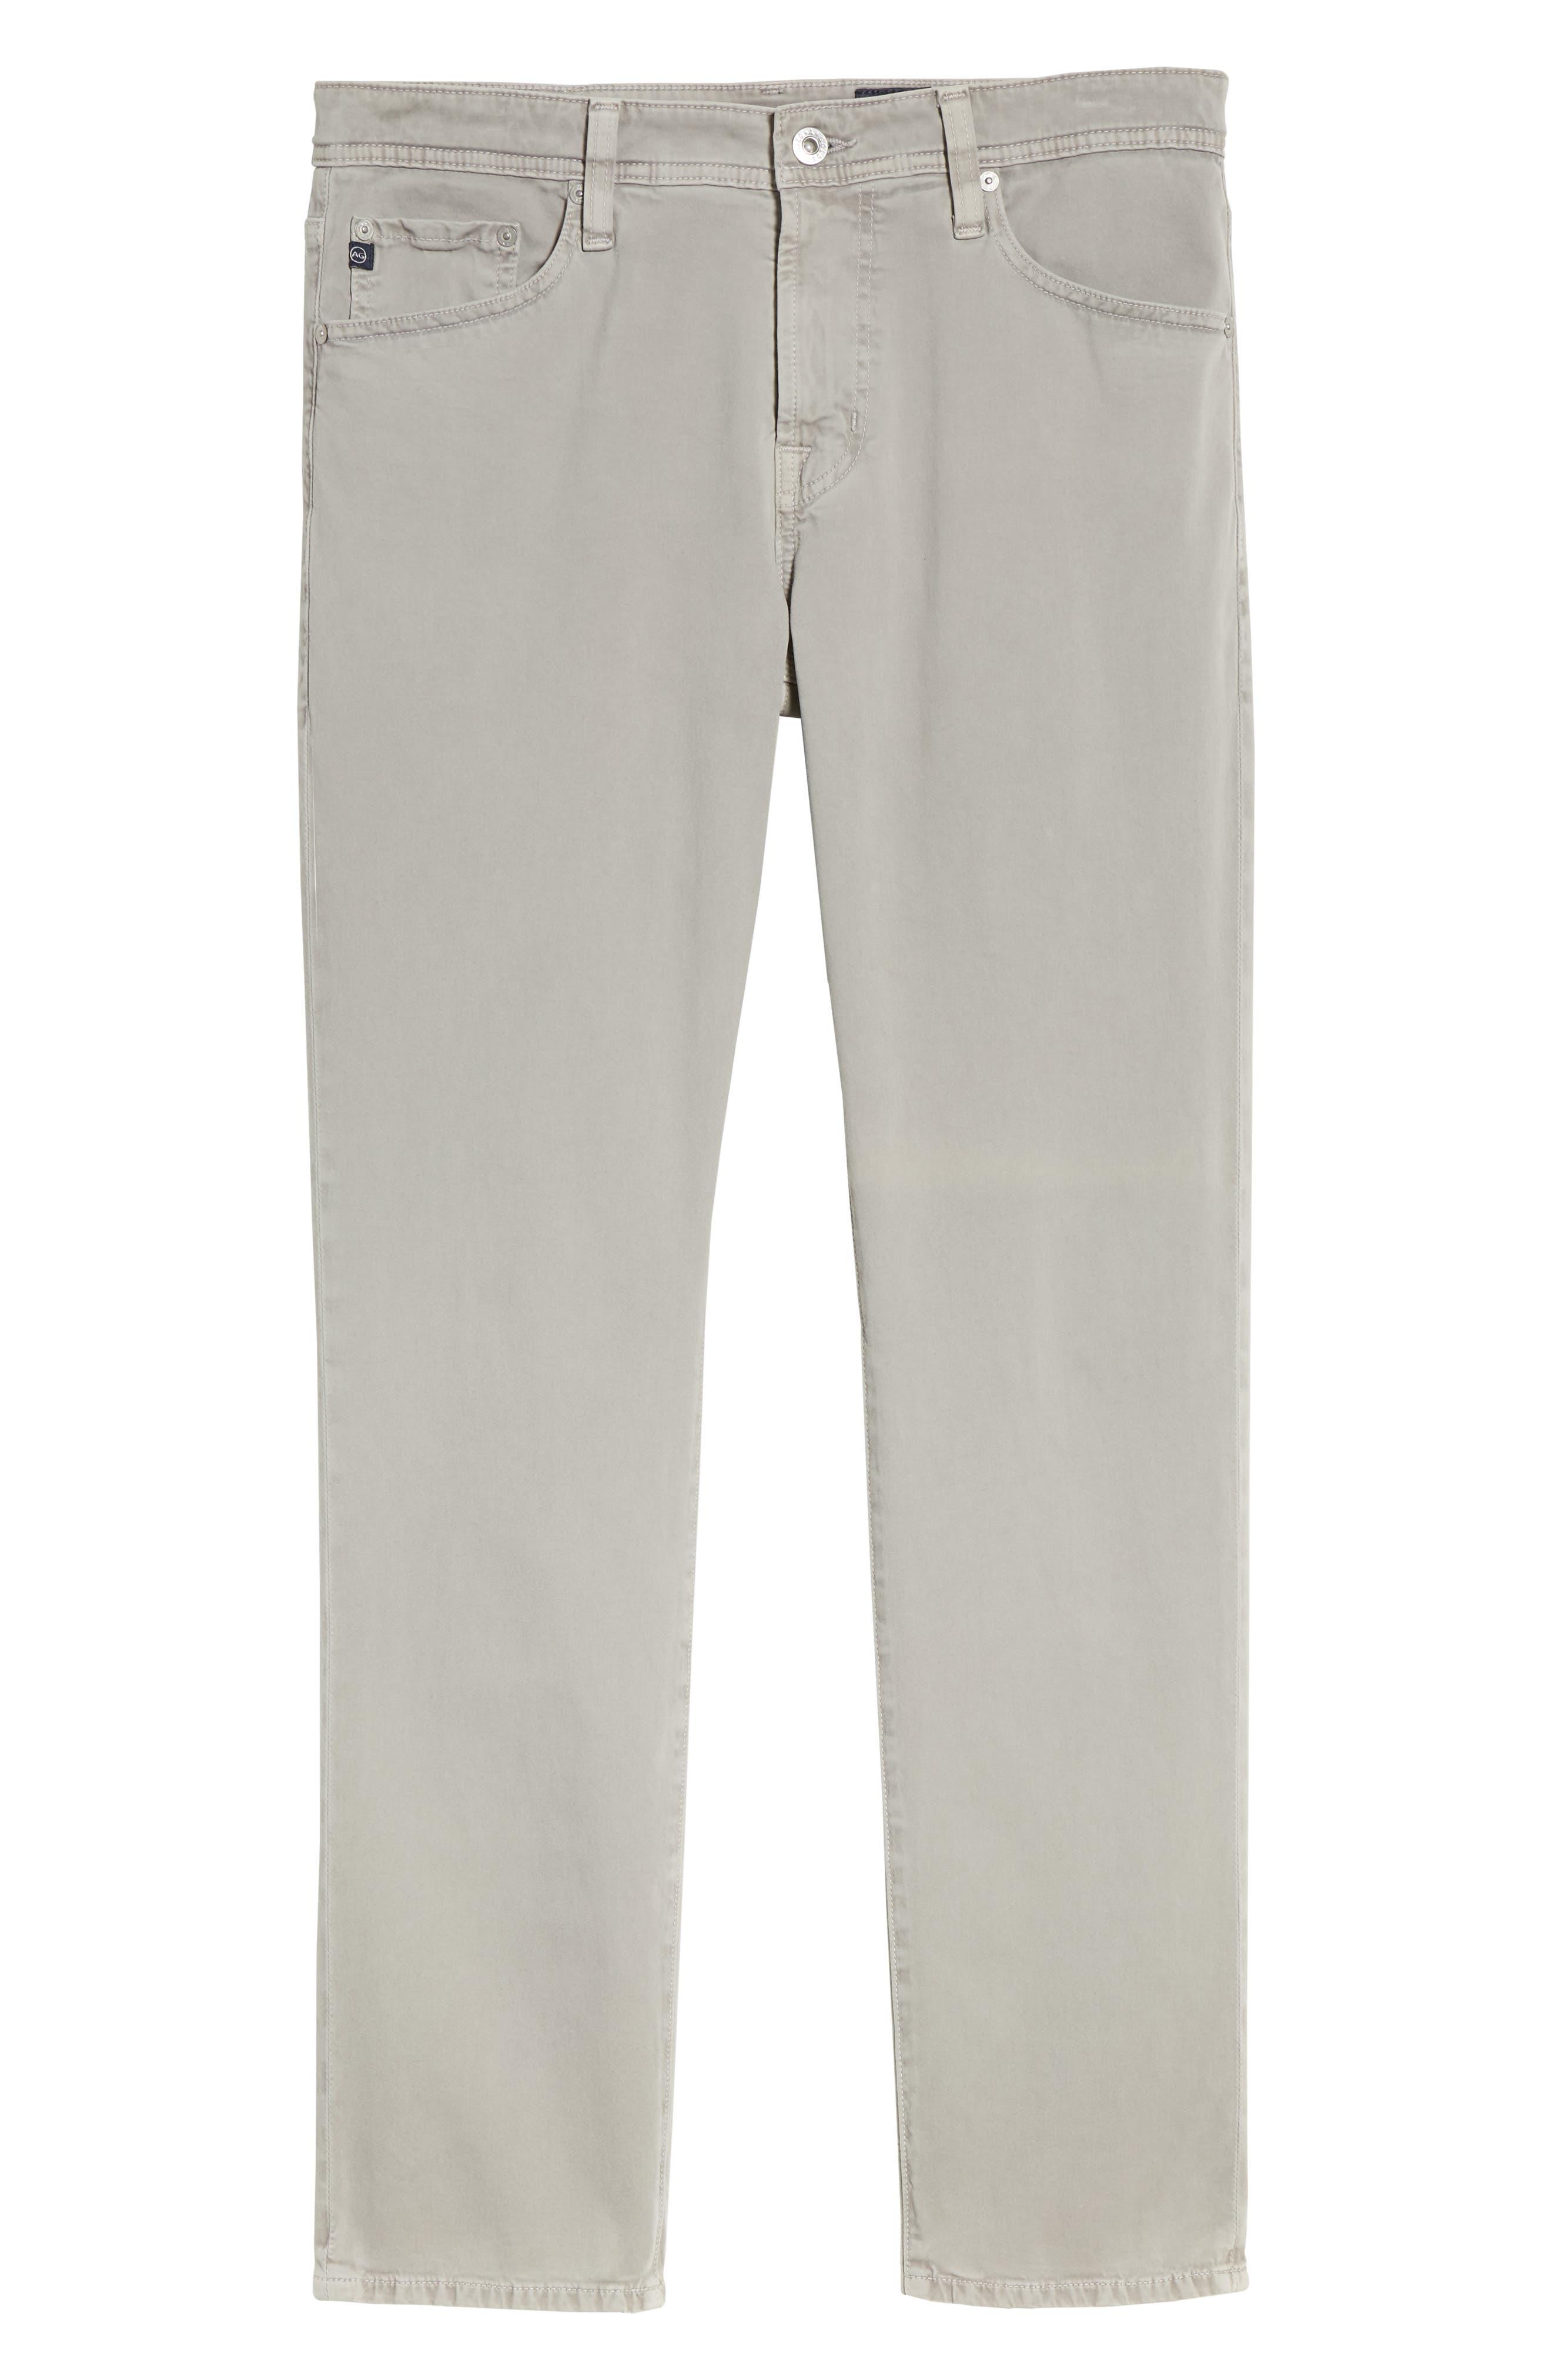 Everett SUD Slim Straight Fit Pants,                             Alternate thumbnail 6, color,                             SULFUR PLATINUM